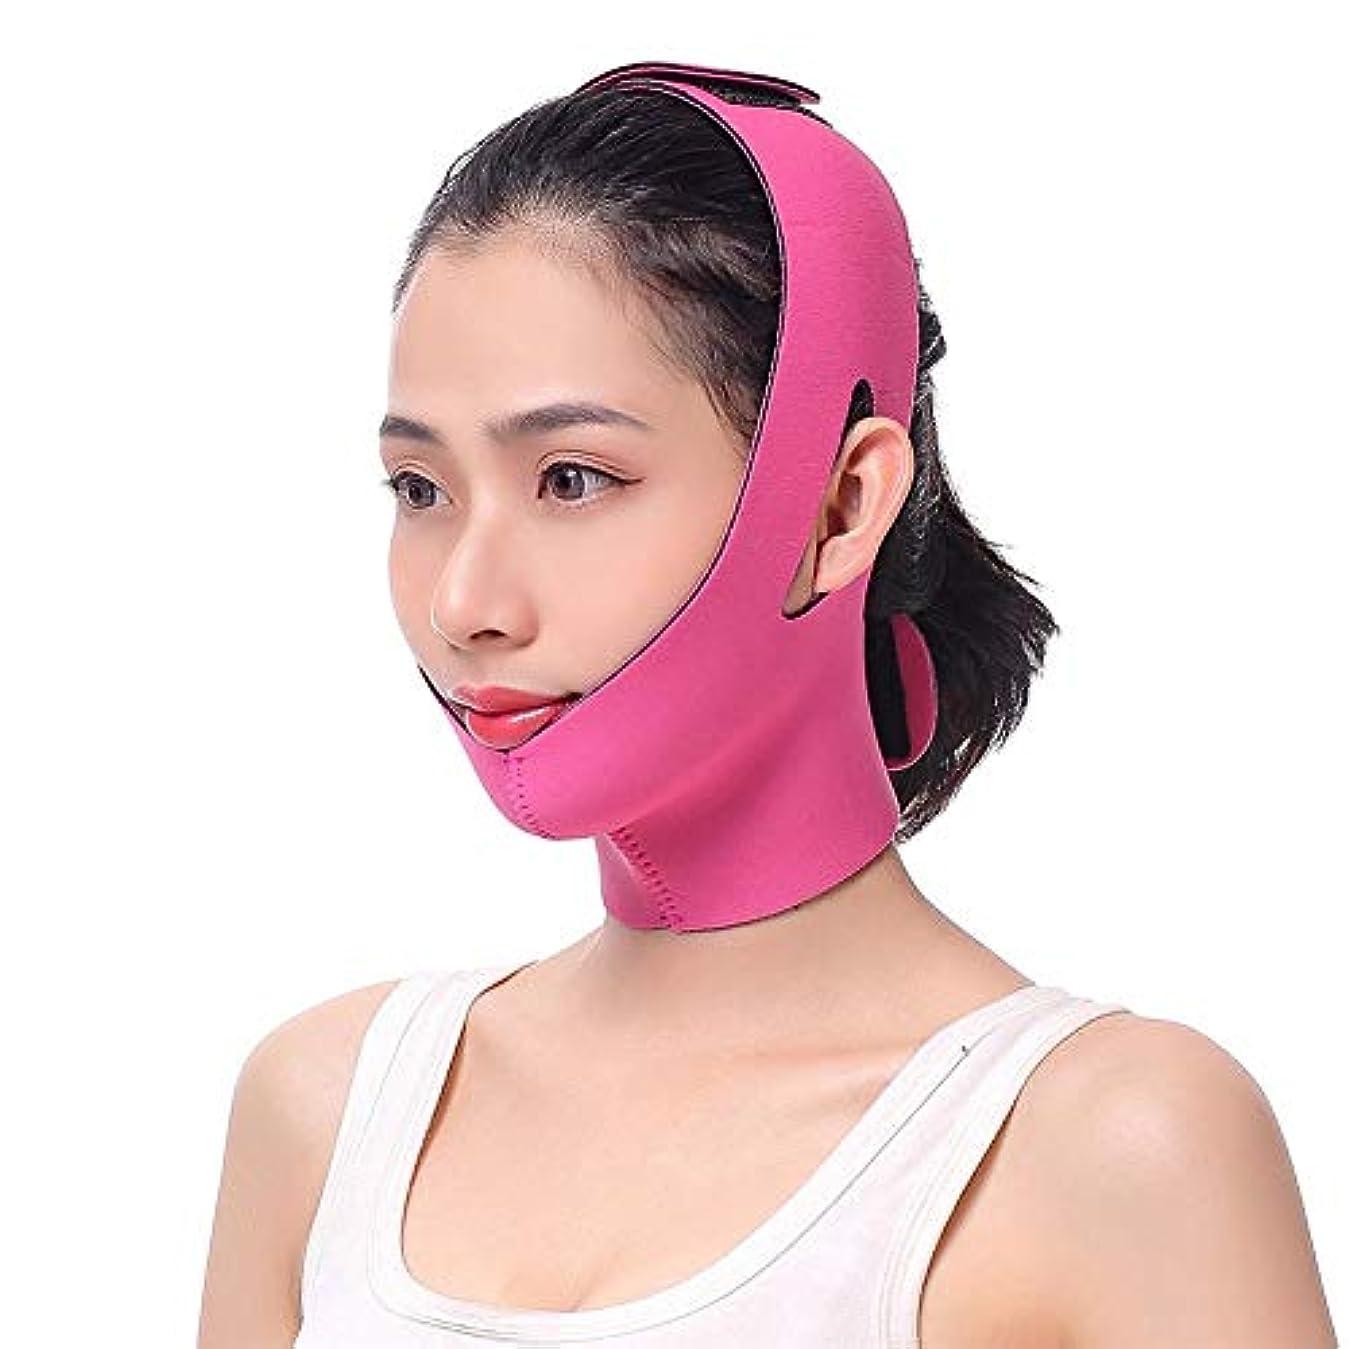 文明化するサーマルキャプチャー薄い顔ベルト、スリープ包帯Vフェイスは、2色を防ぐフェイシャル・ルーピングダブルチンリデューサー通気性軽量マスクマスク (Color : A)